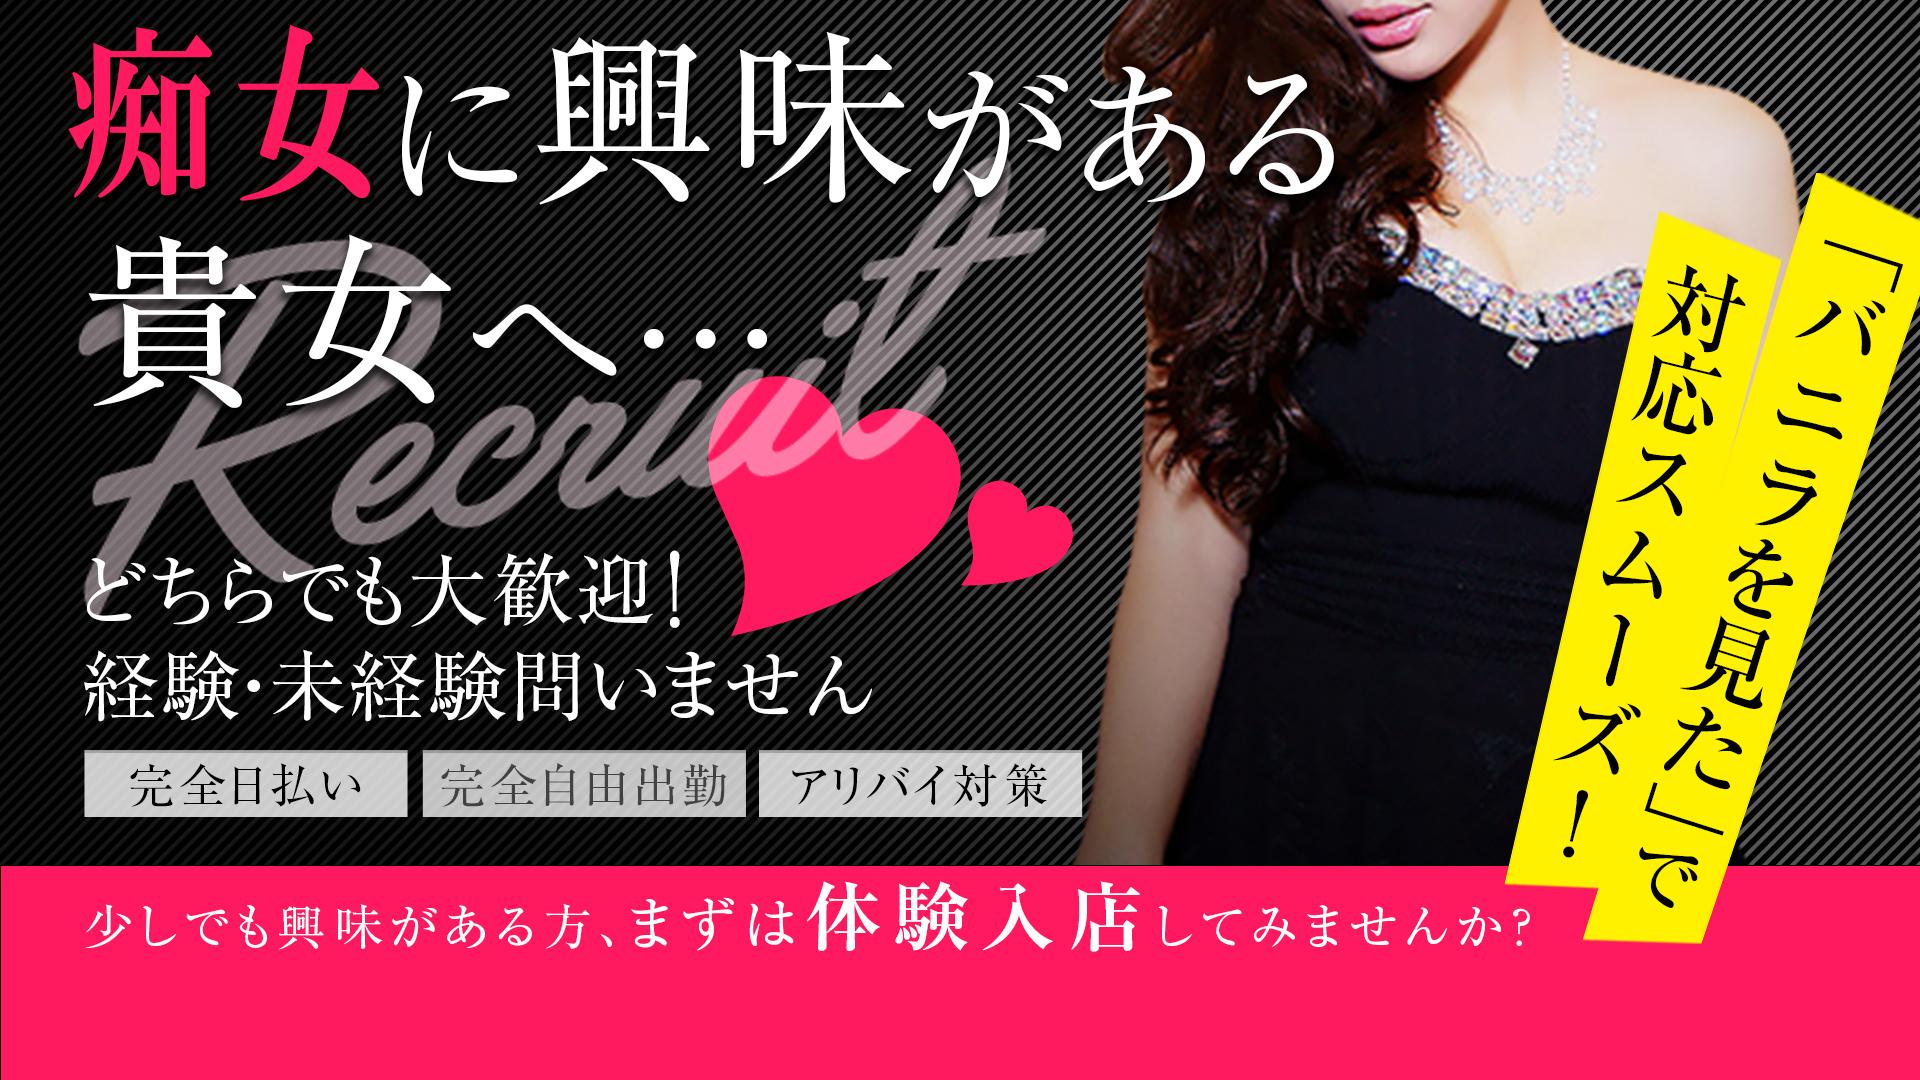 おねえさん倶楽部 福島店の求人画像